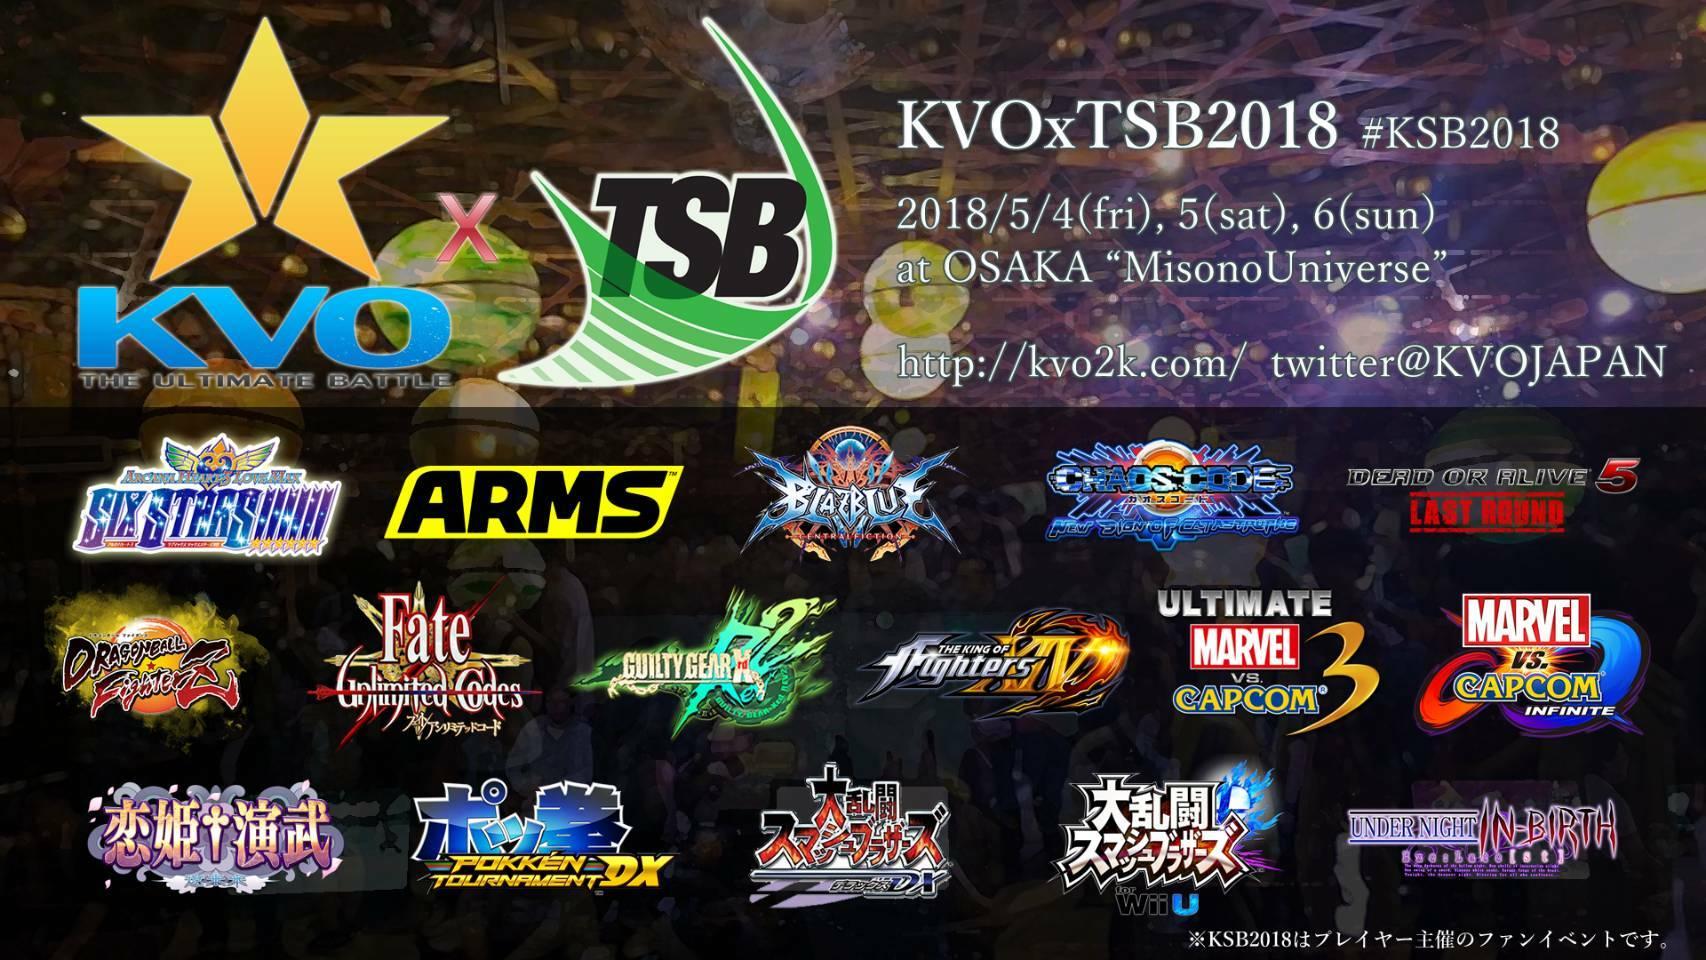 KSB | KVO x TSB 2018